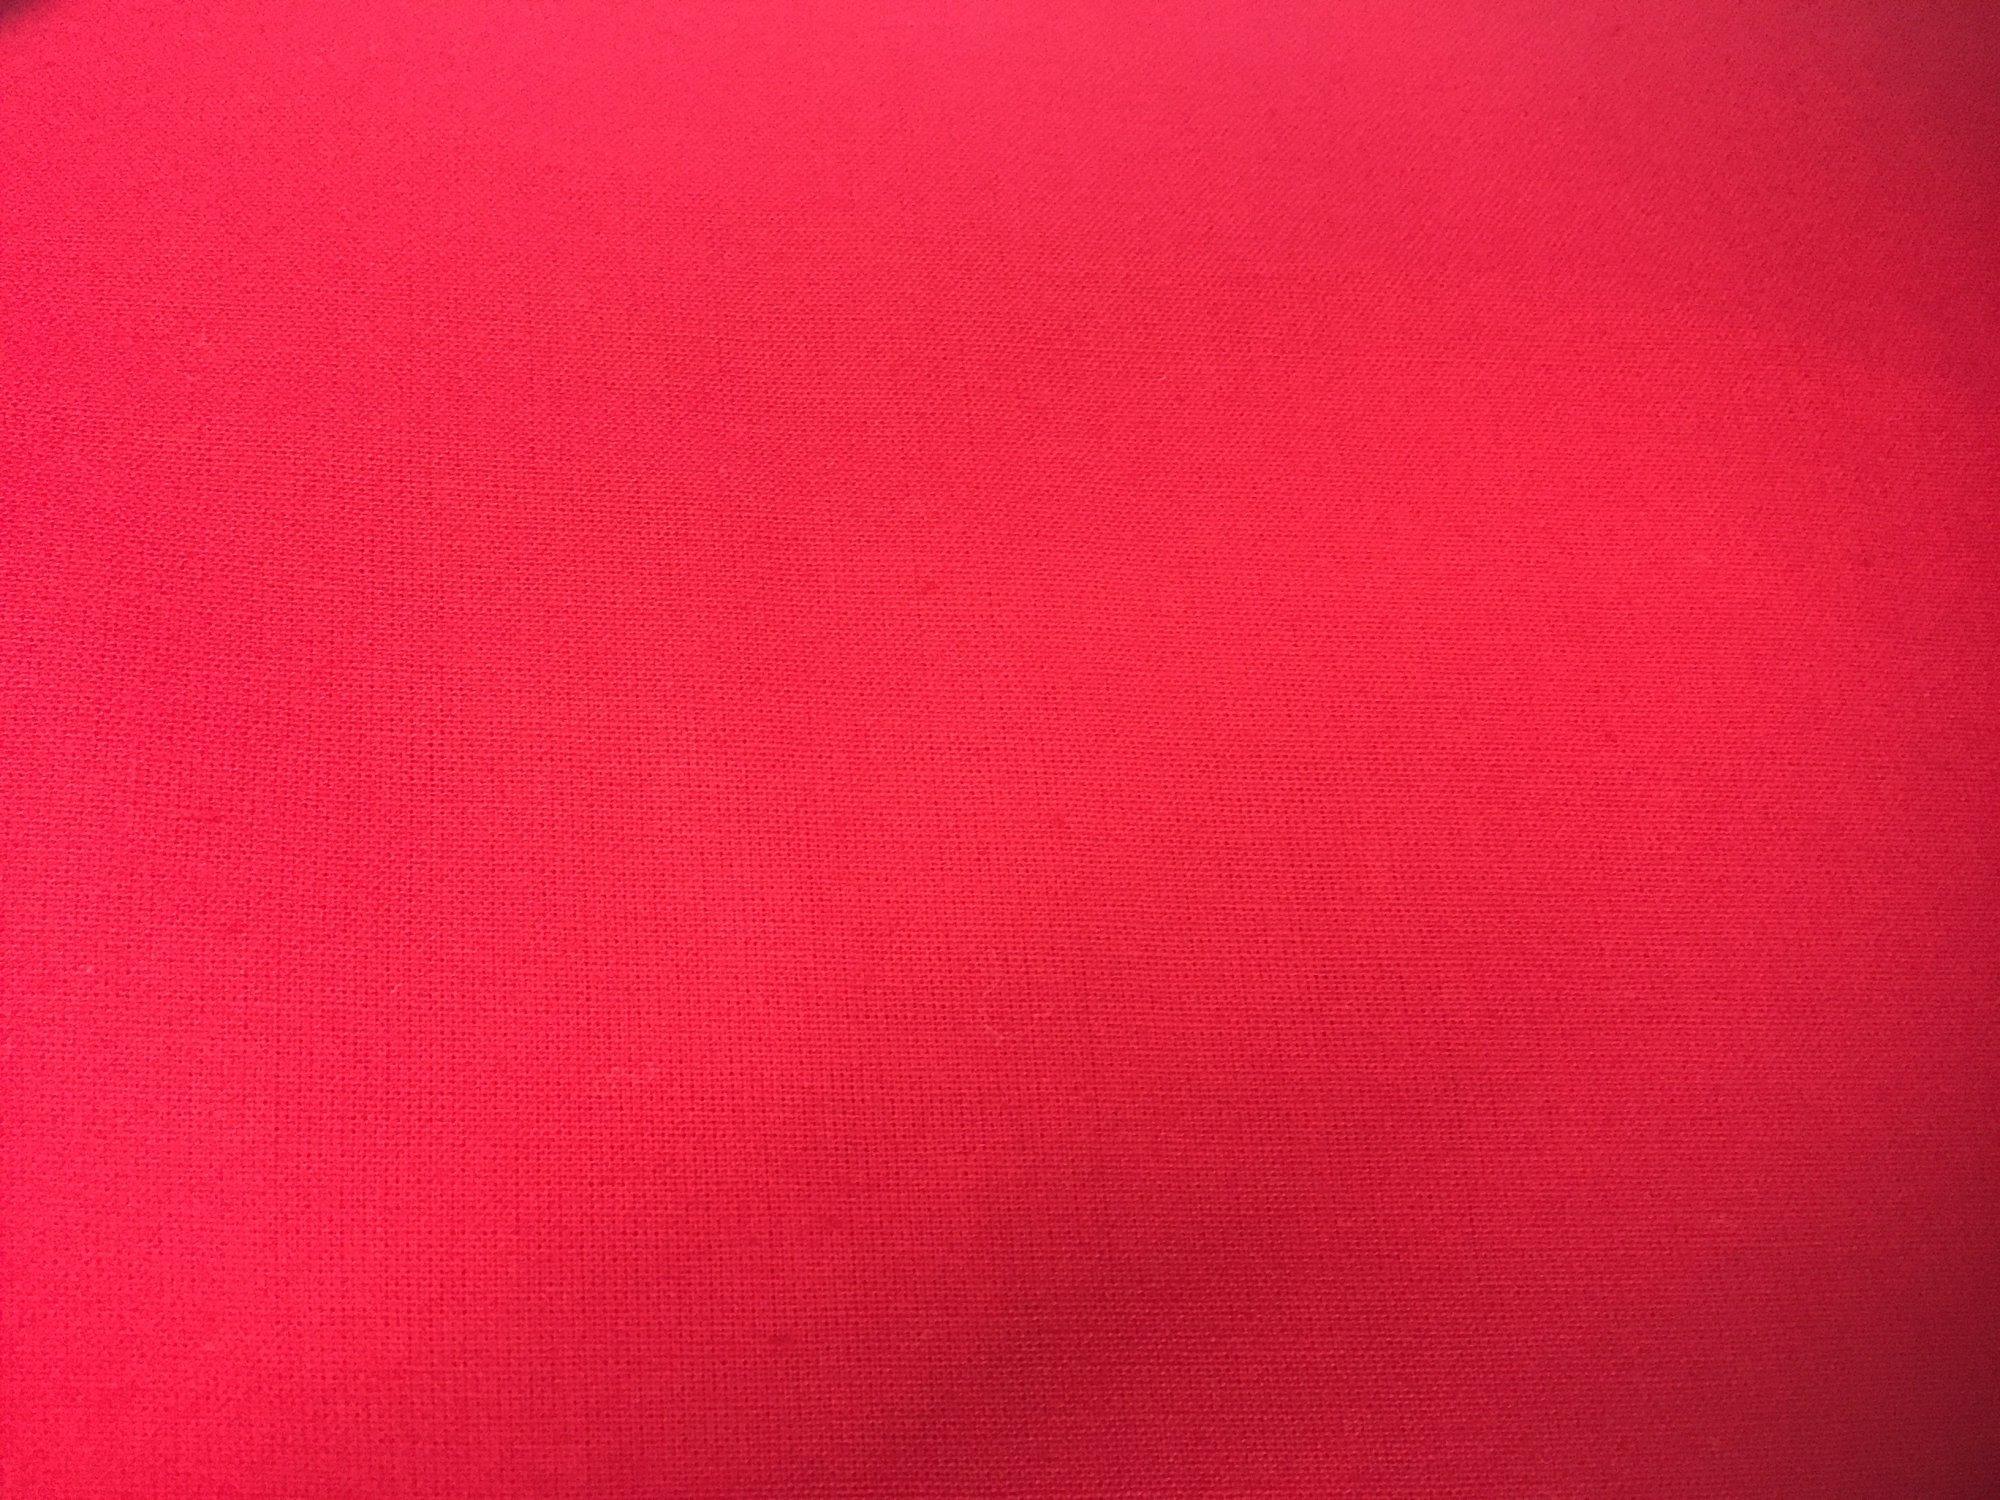 Studio E 108 Quilt Back - Red